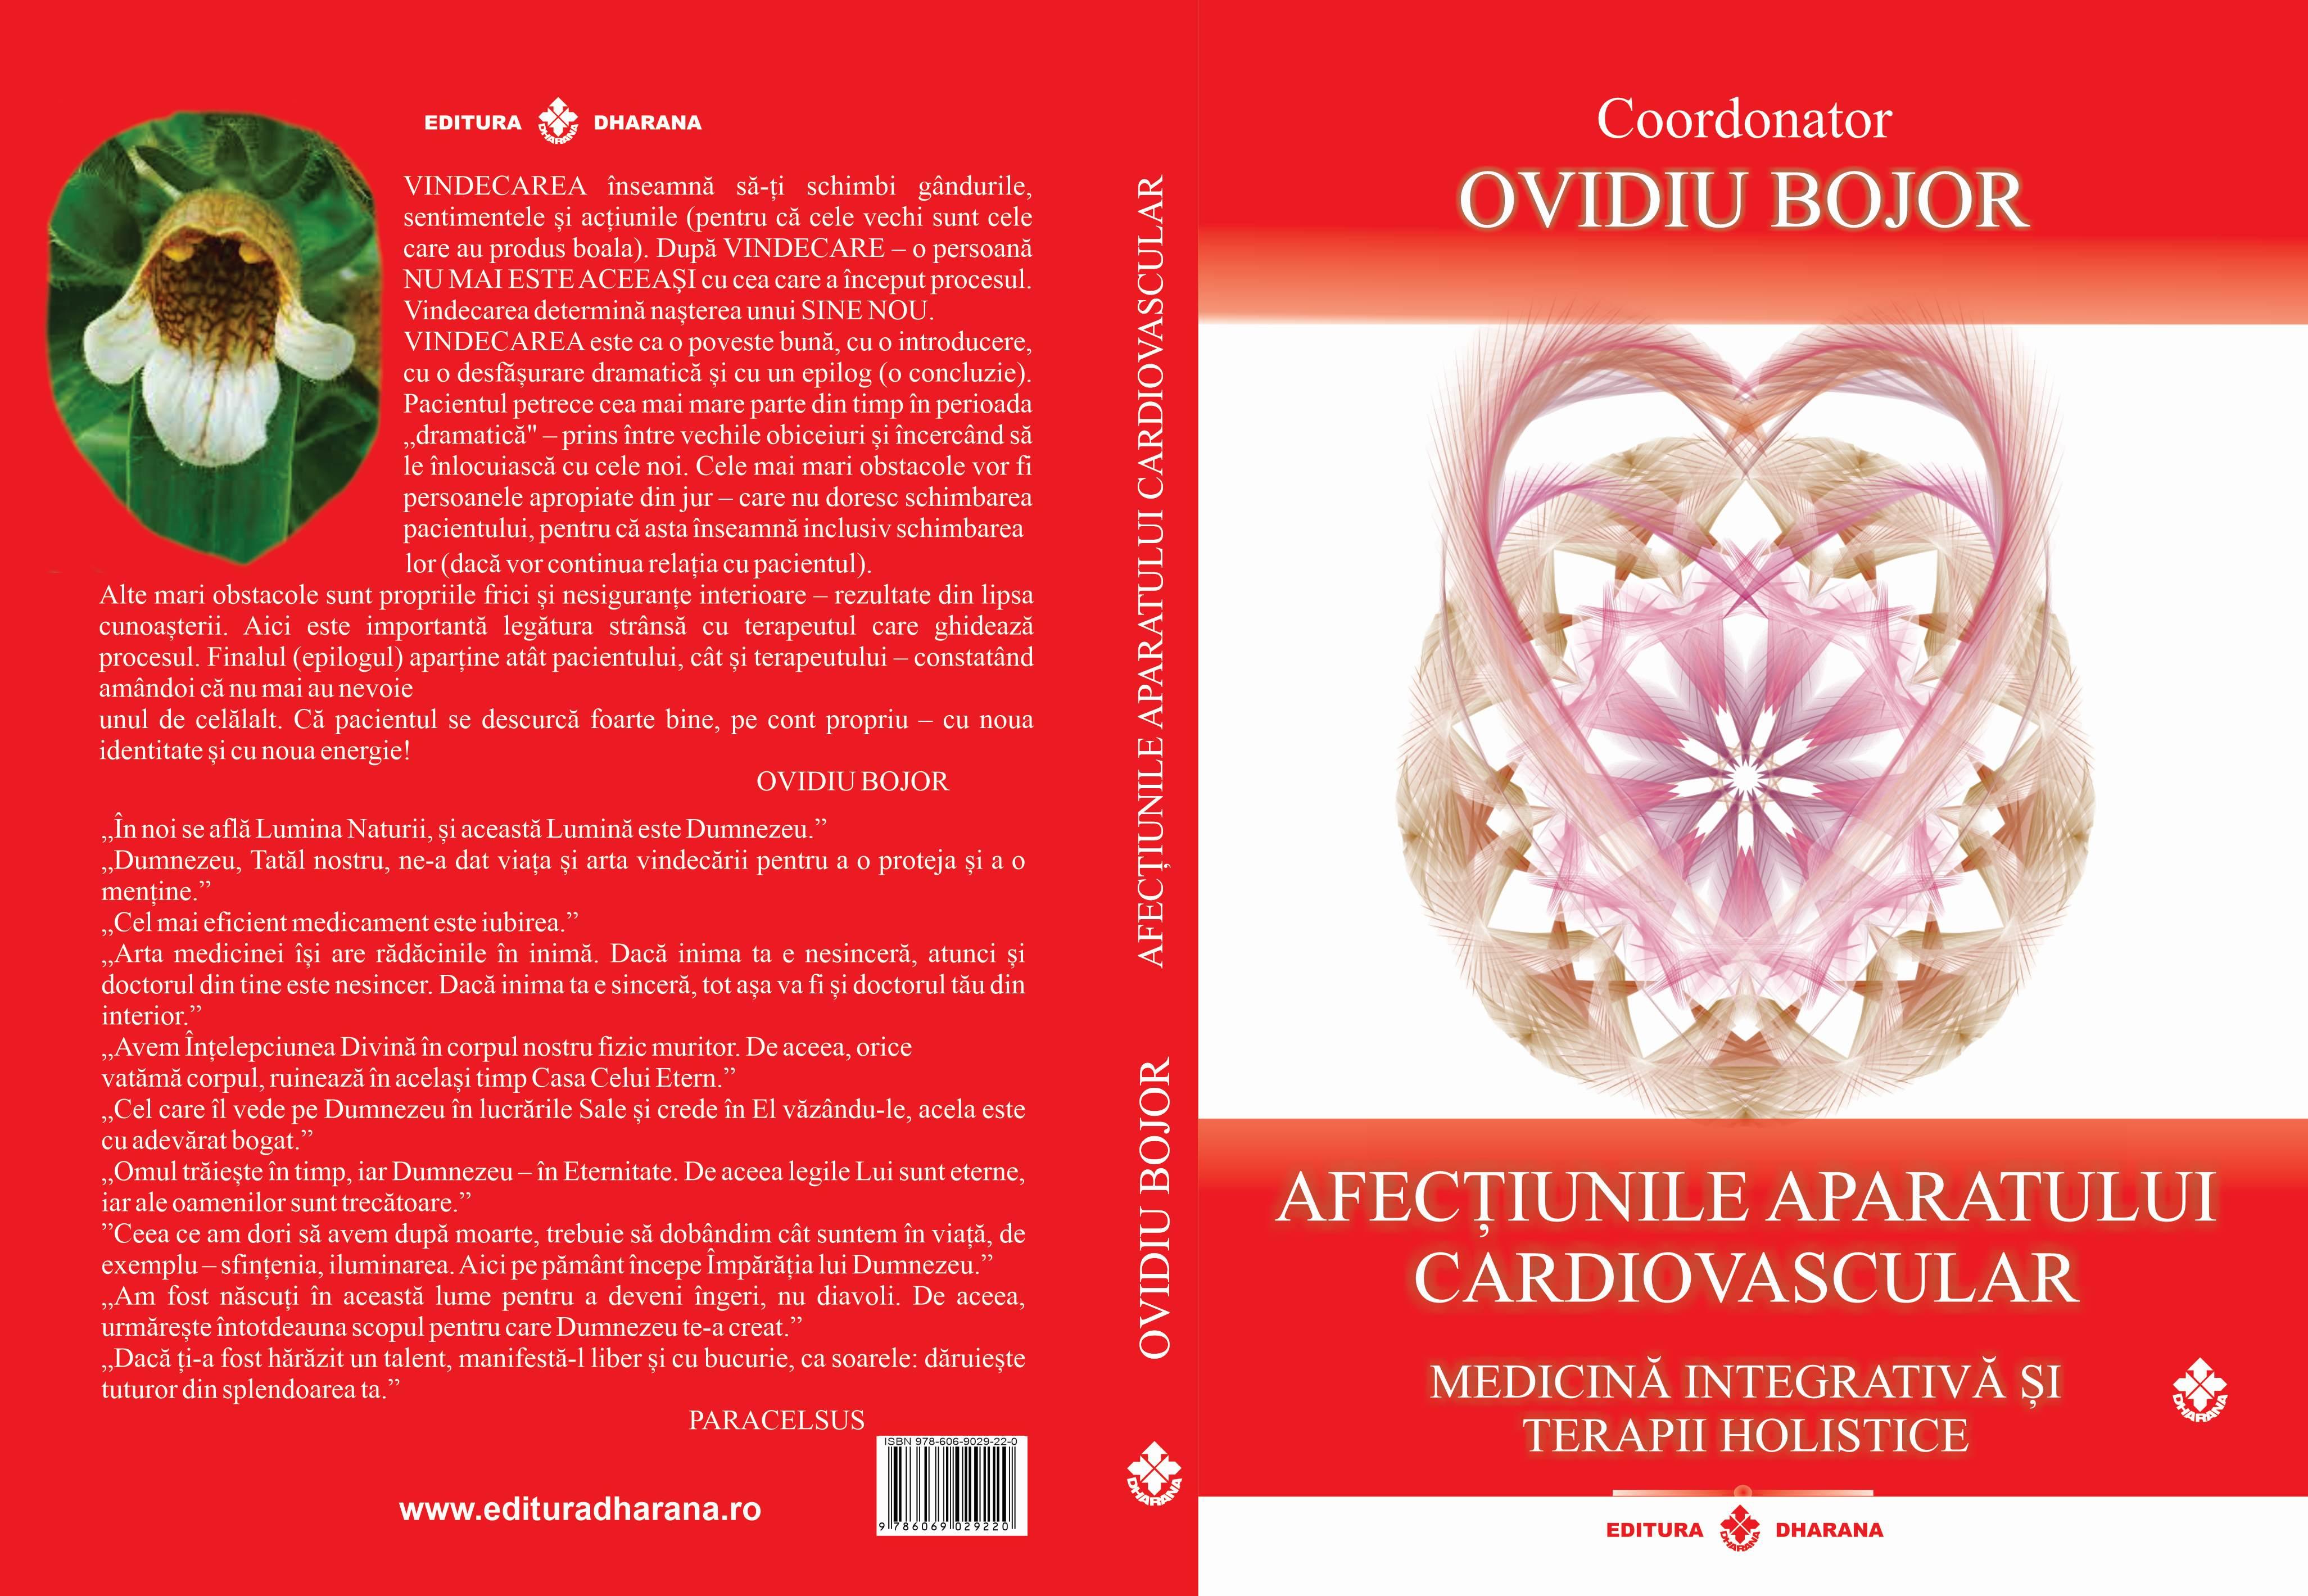 Afecțiunile aparatului cardiovascular. Medicină Integrativă și Terapii Holistice - Coordonator Ovidiu Bojor